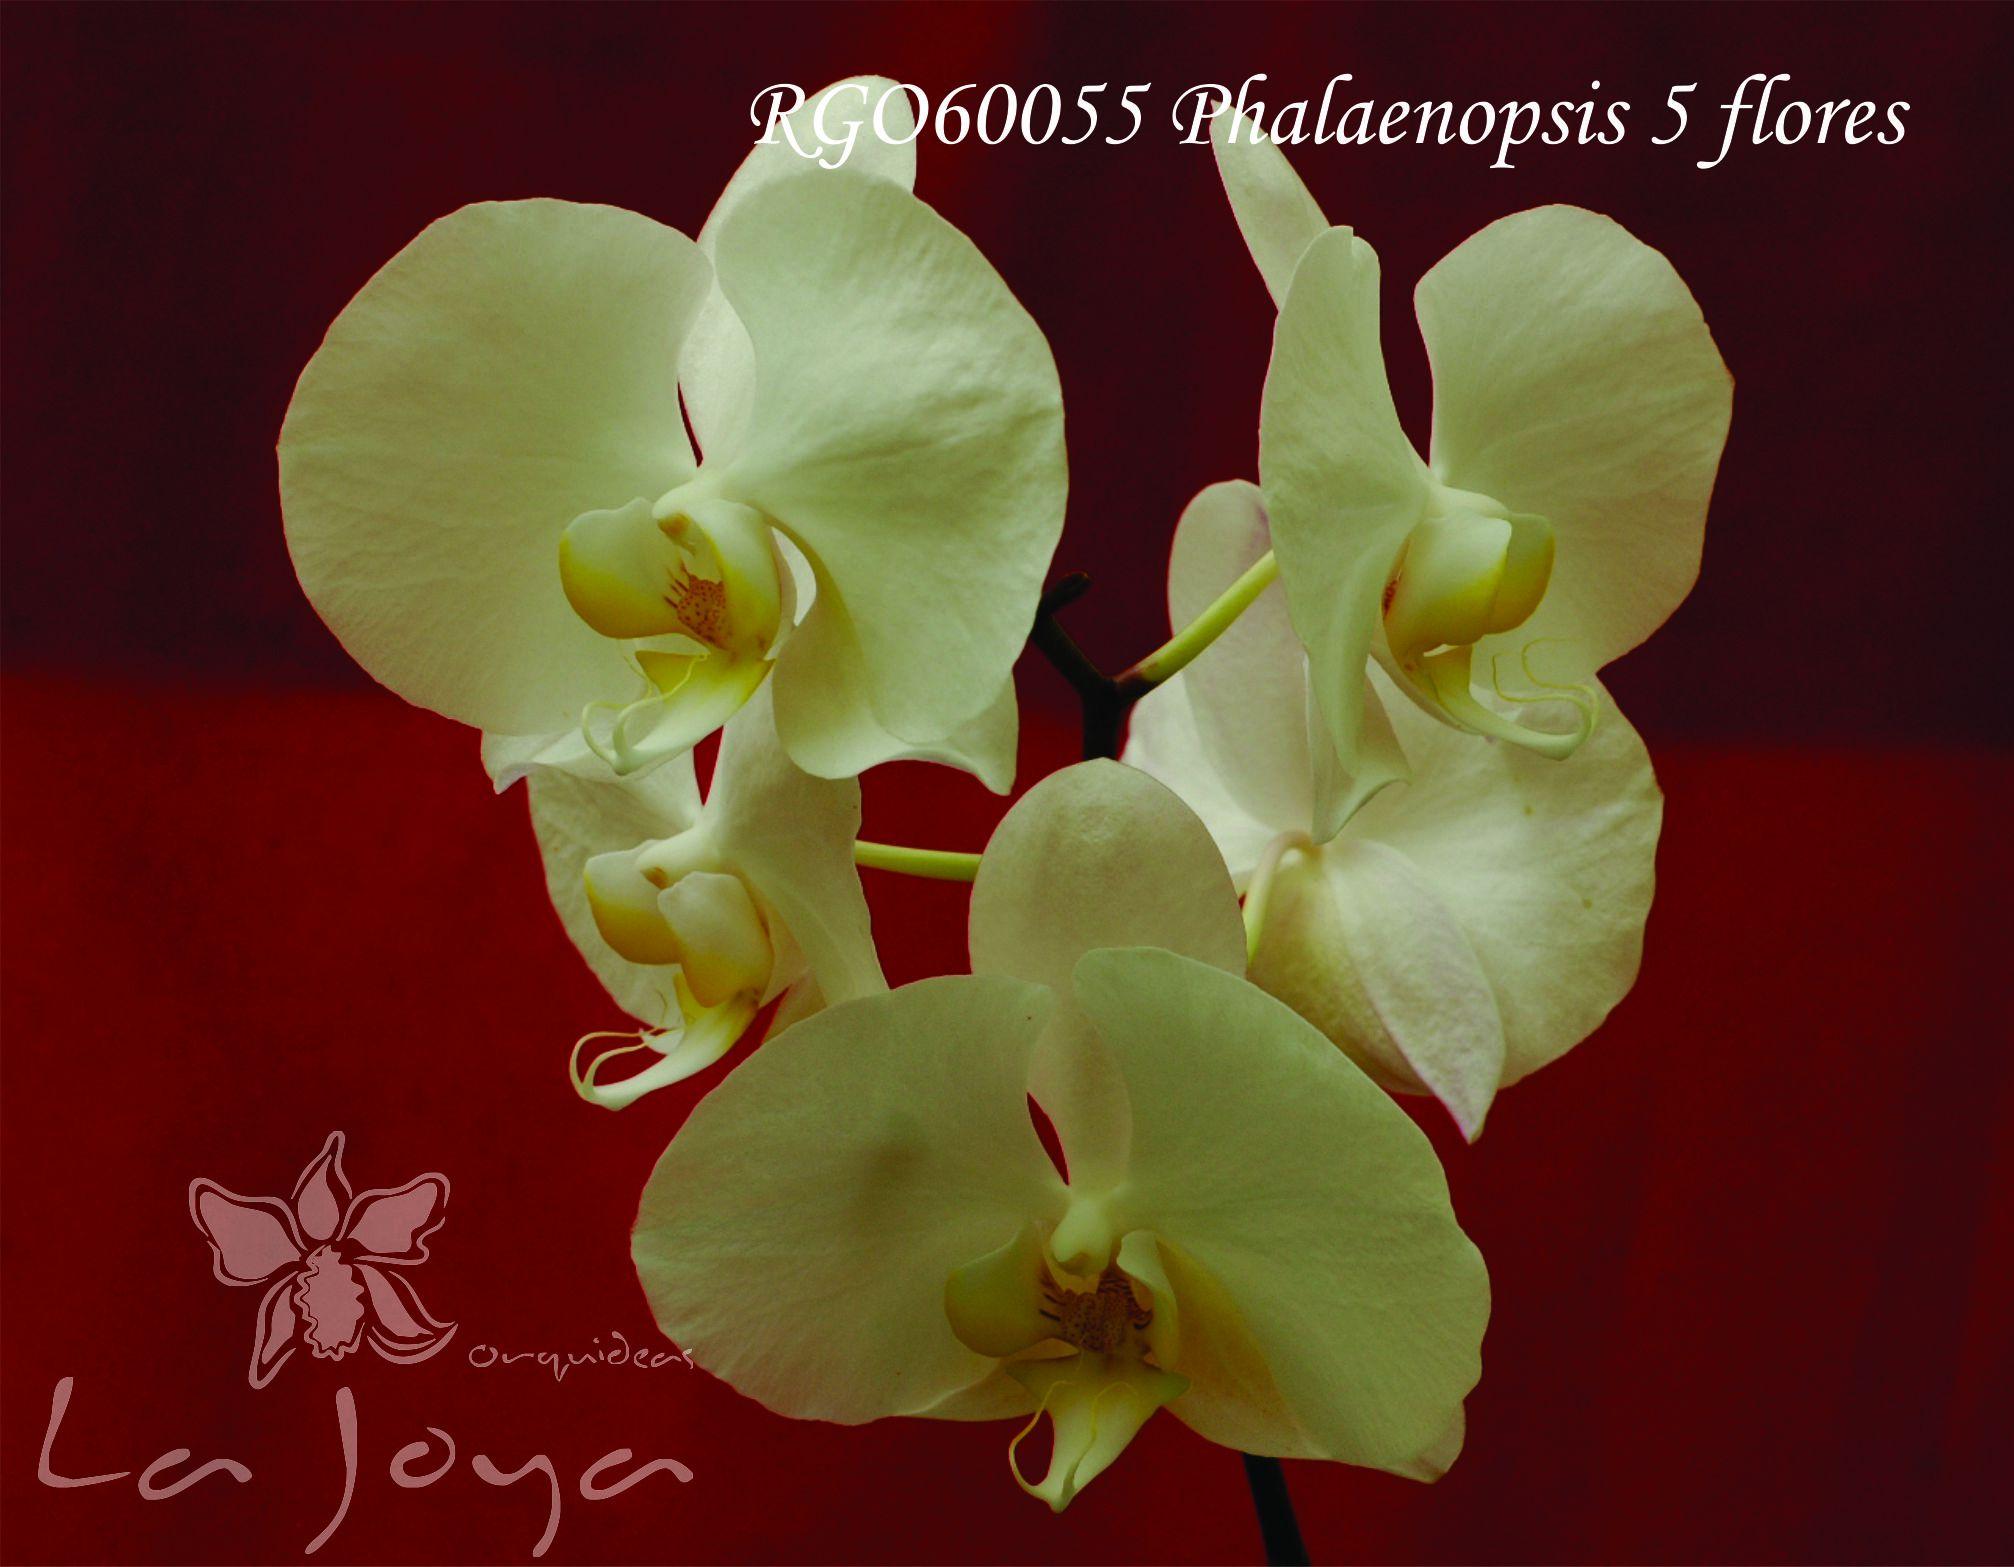 Phal RG060055 con 5 flores